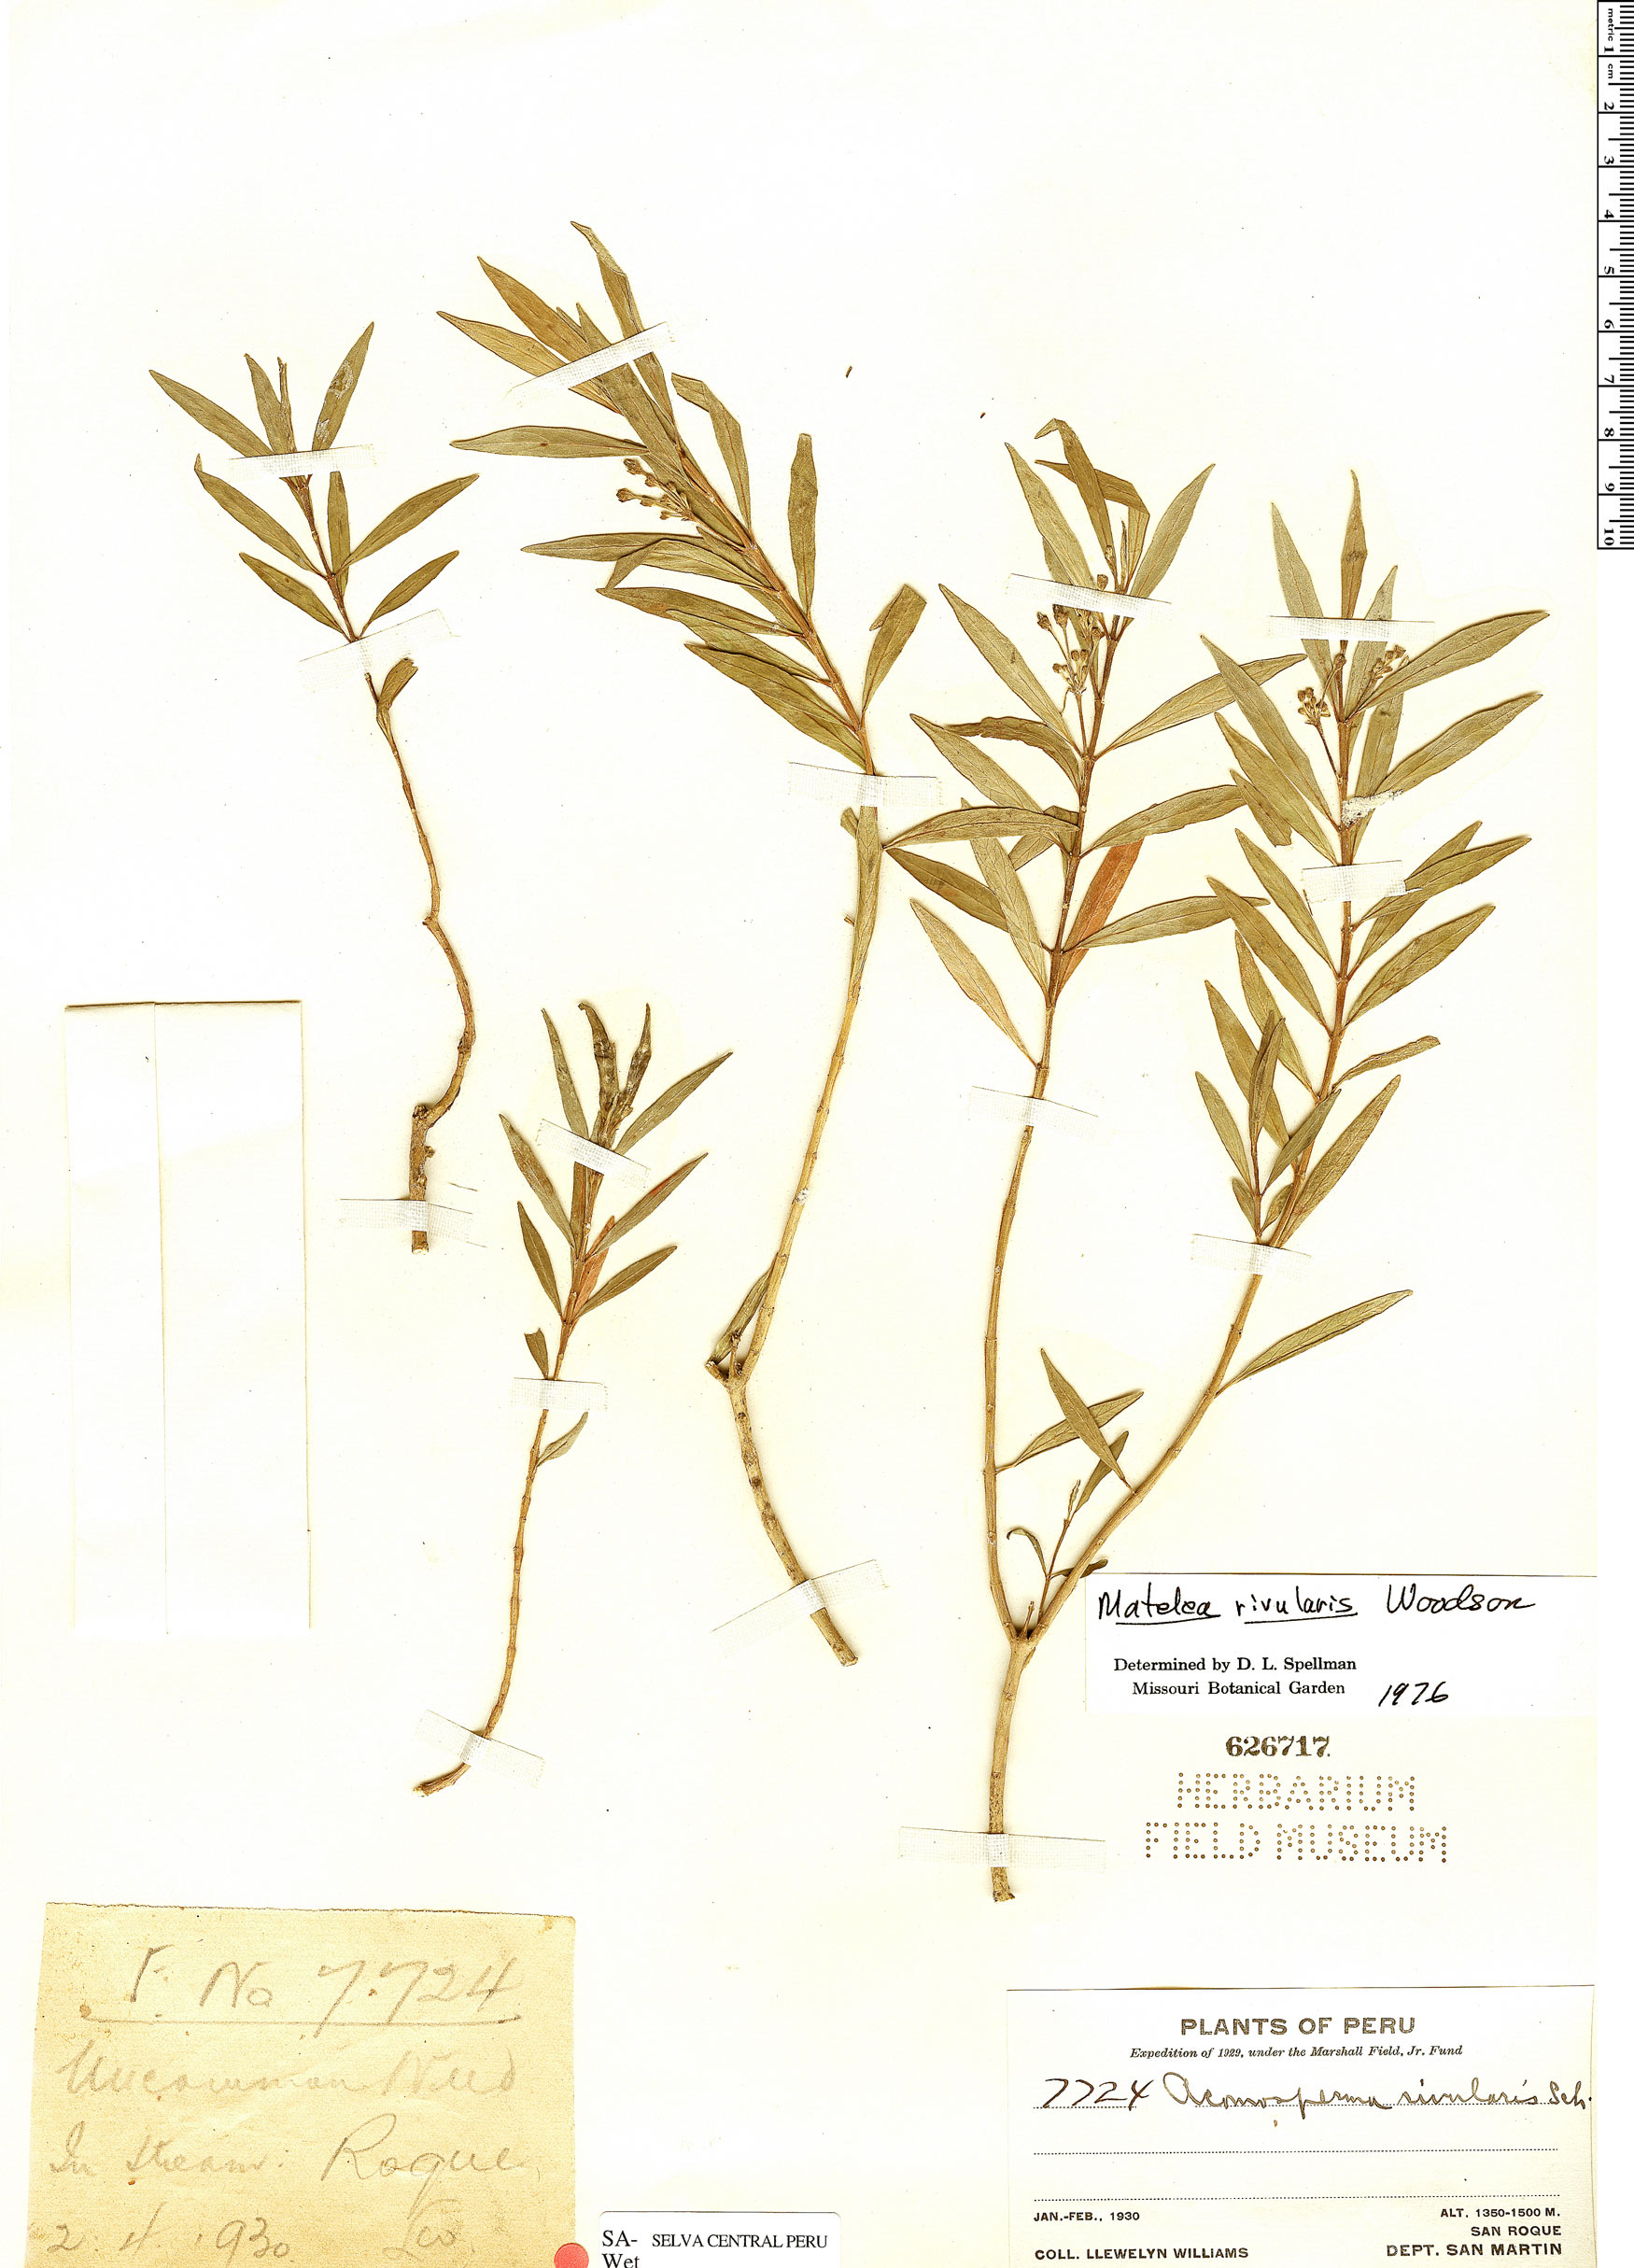 Specimen: Matelea rivularis